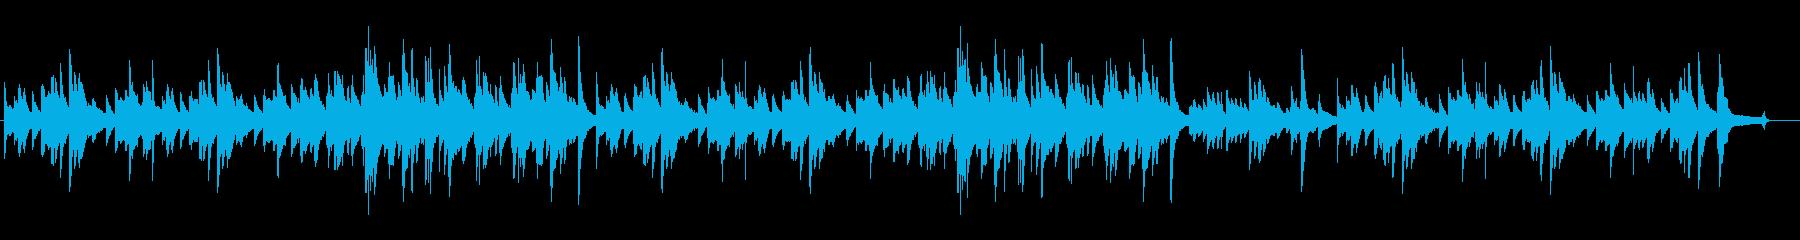 ピアノソロ 切ない感動的なバラードの再生済みの波形